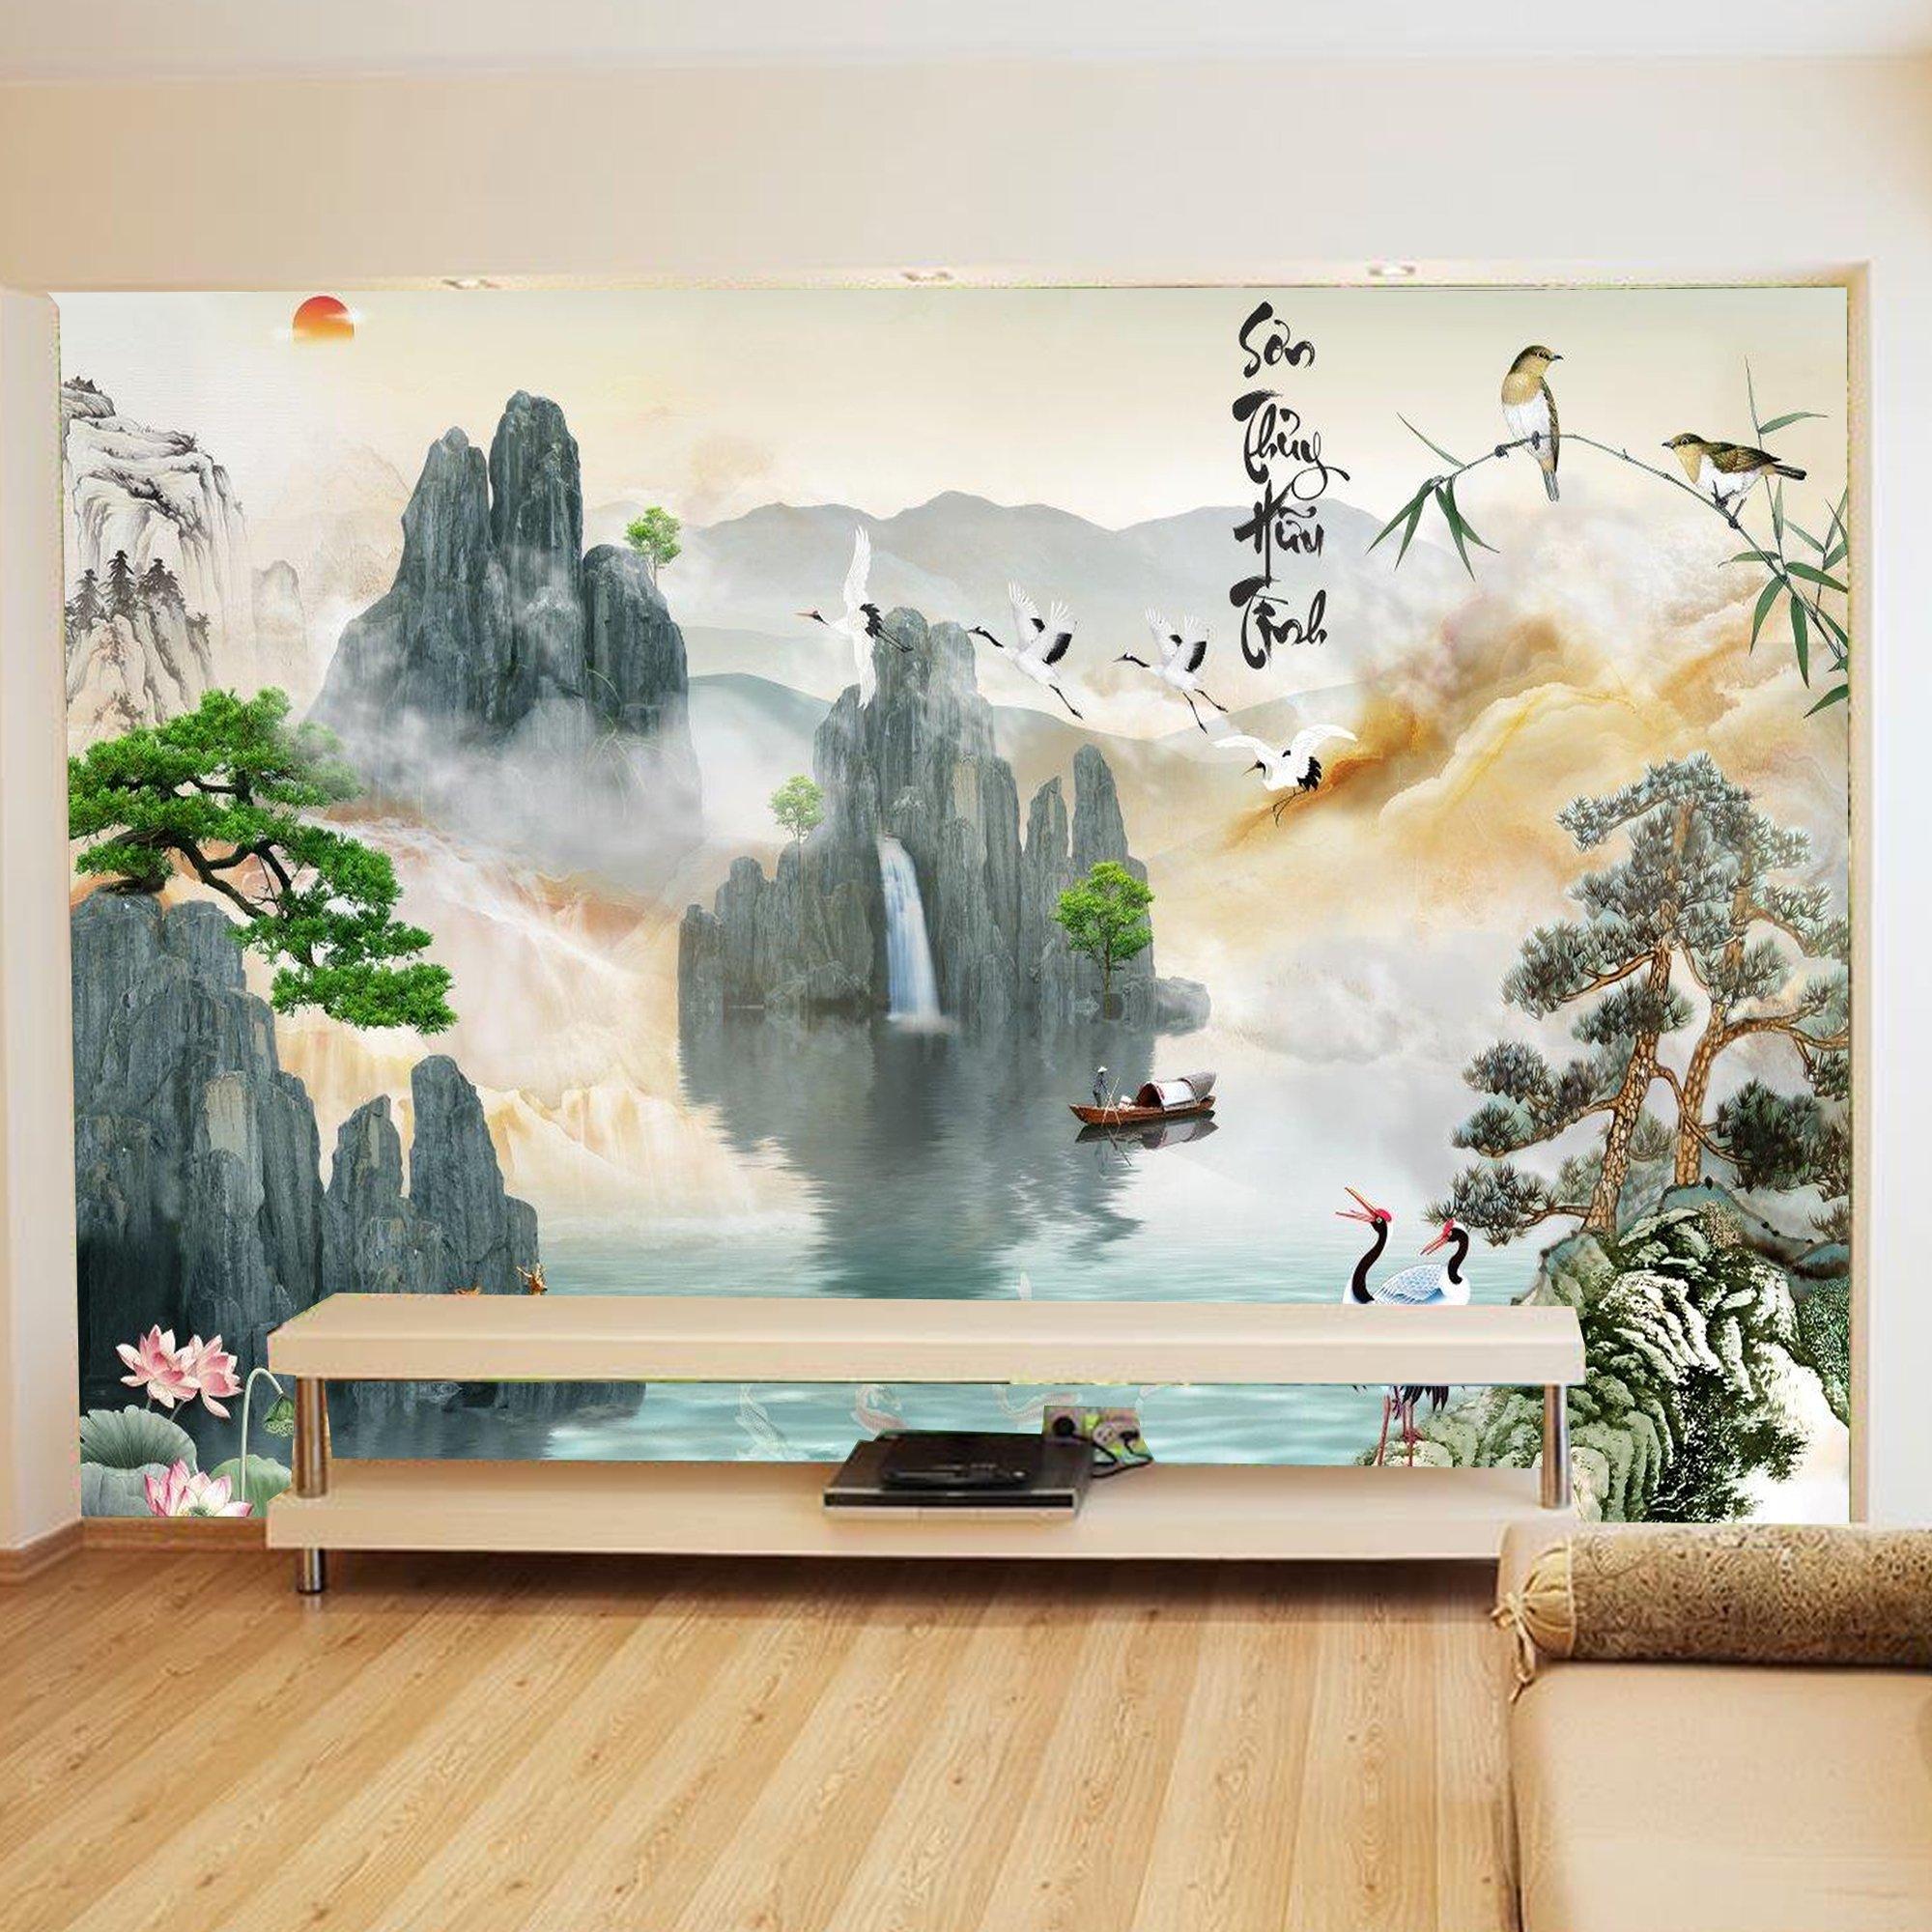 Tranh dán tường sơn thủy hữu tình